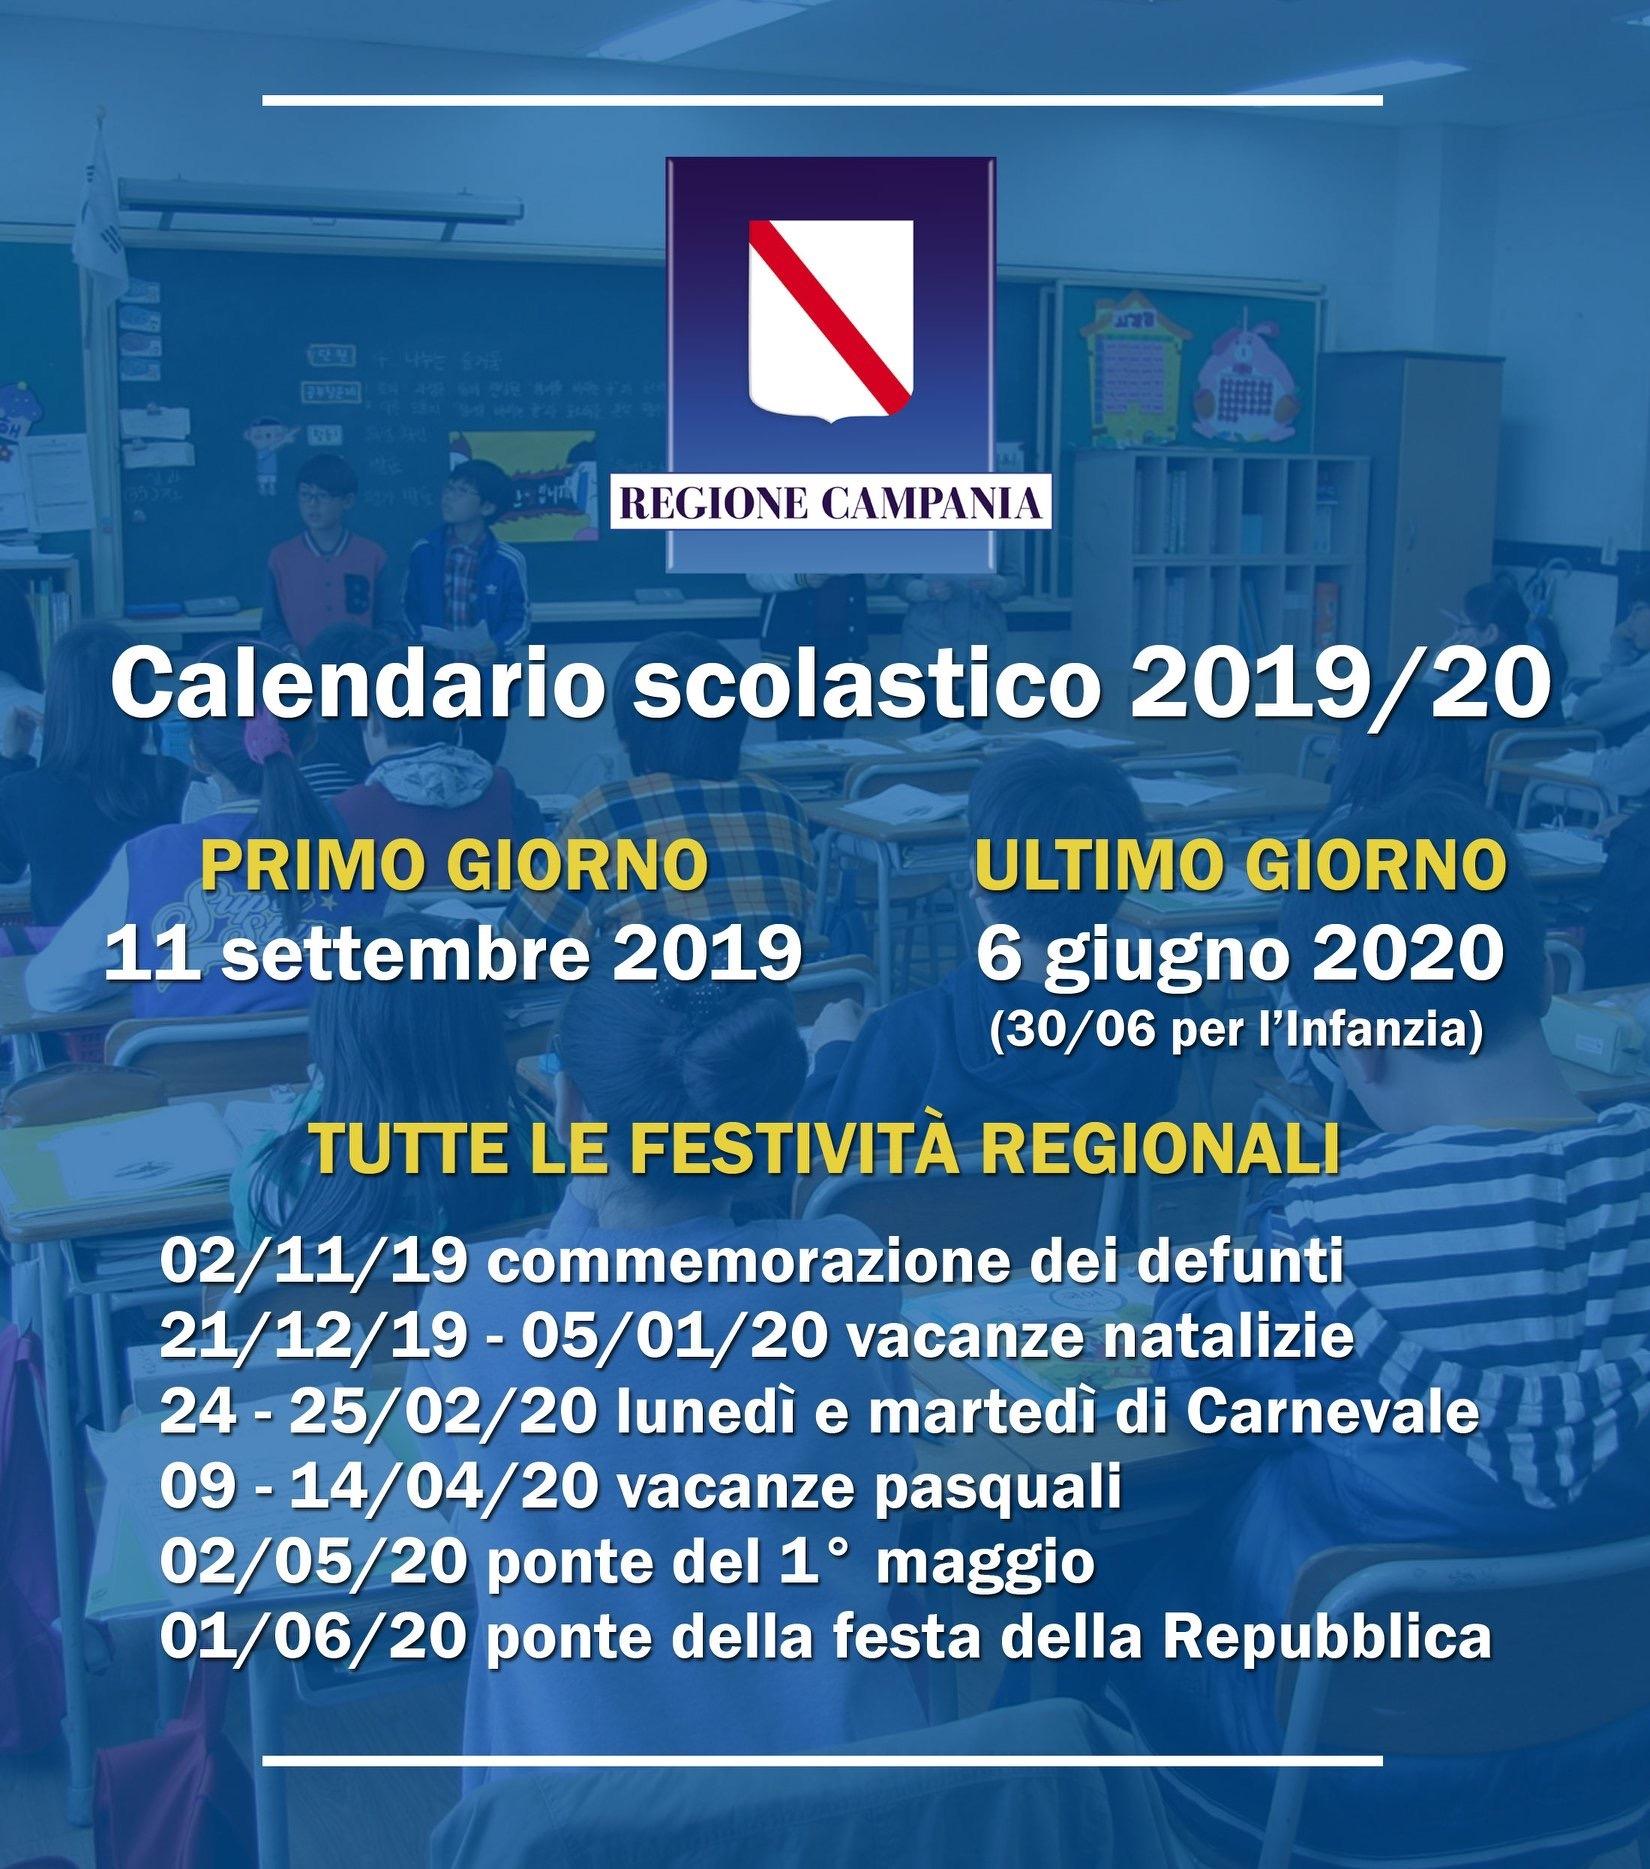 Calendario Maggio 2020.Anno Scolastico 2019 2020 Date E Festivita In Campania